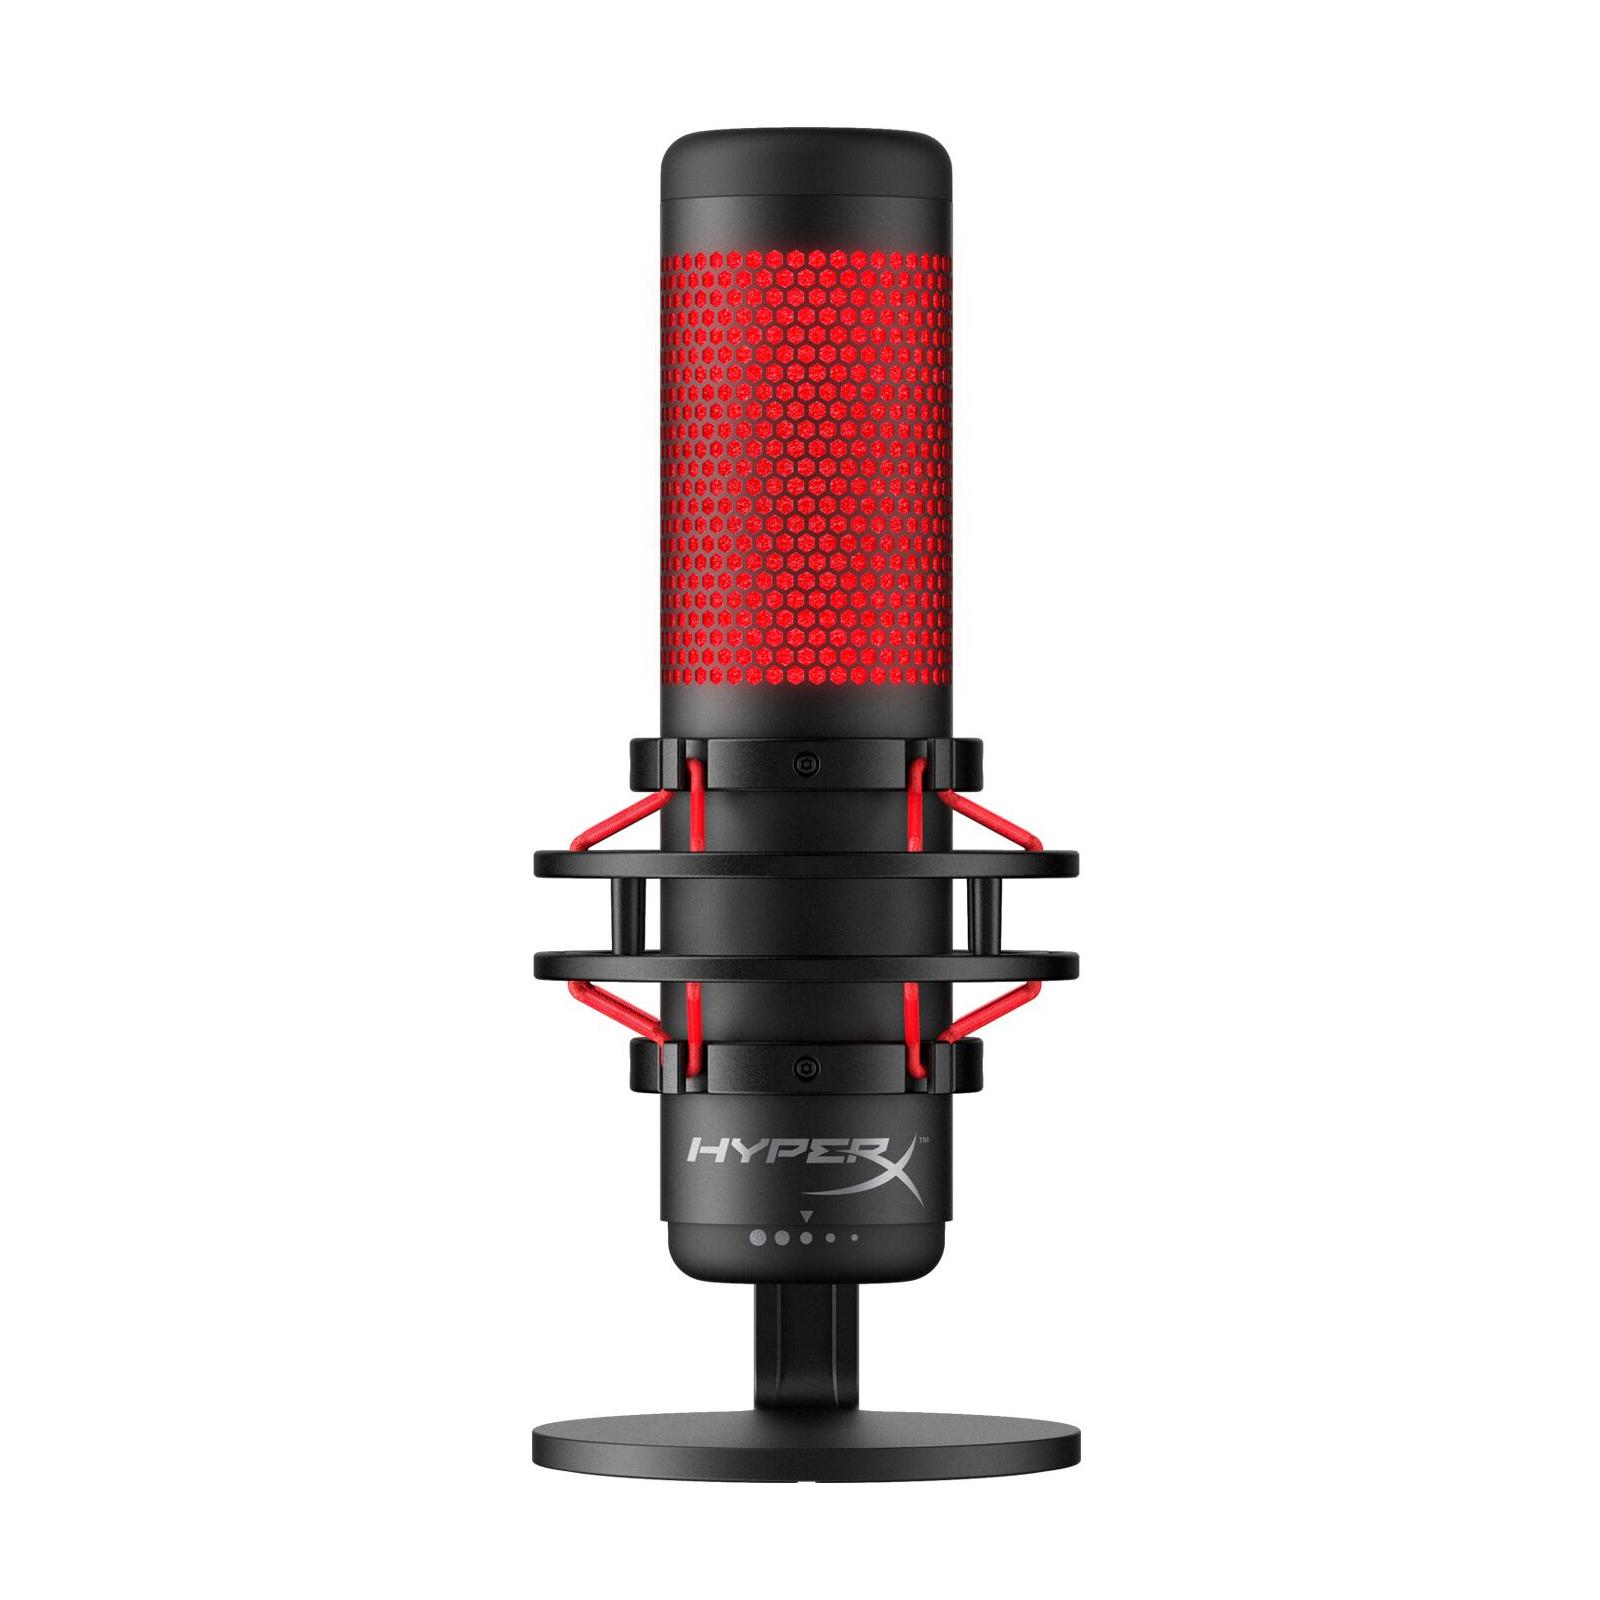 Мікрофон HyperX Quadcast (HX-MICQC-BK) зображення 3